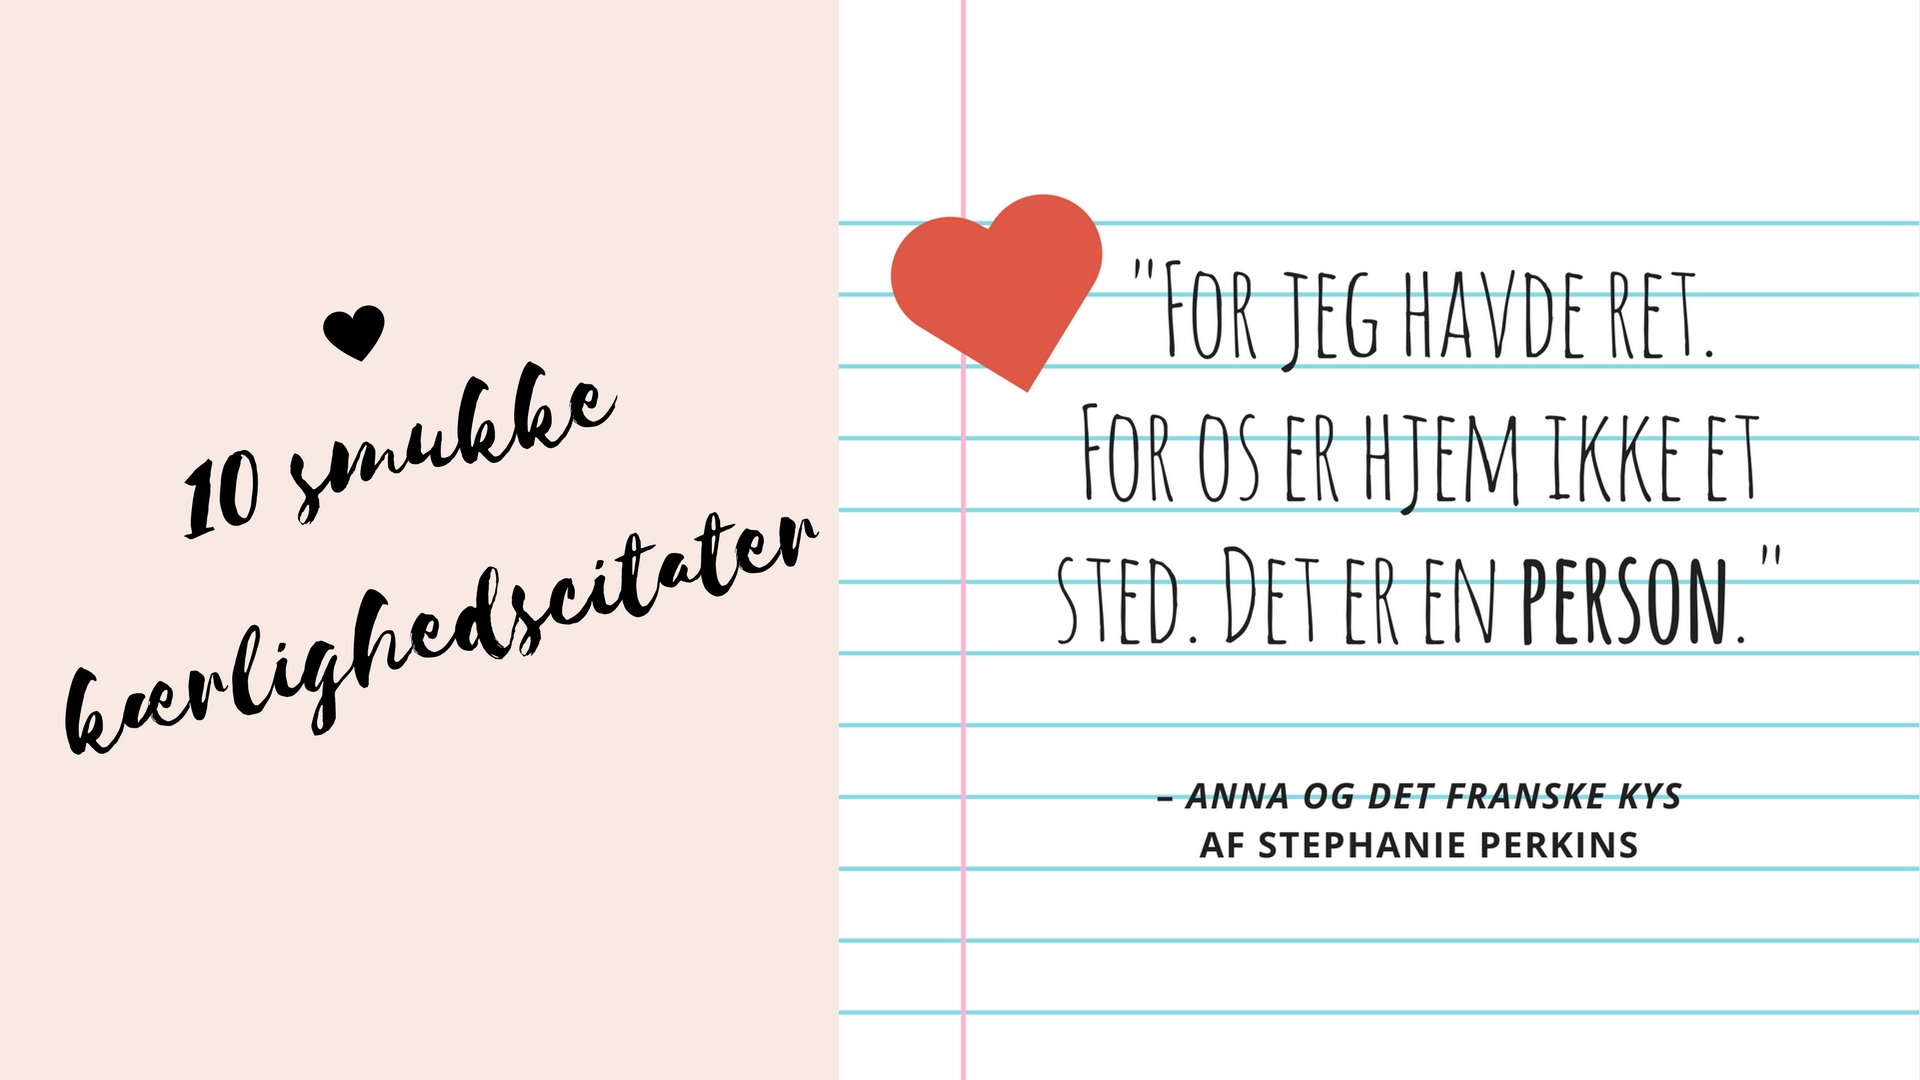 smukke kærligheds citater 10 smukke kærlighedscitater   smukke kærligheds citater